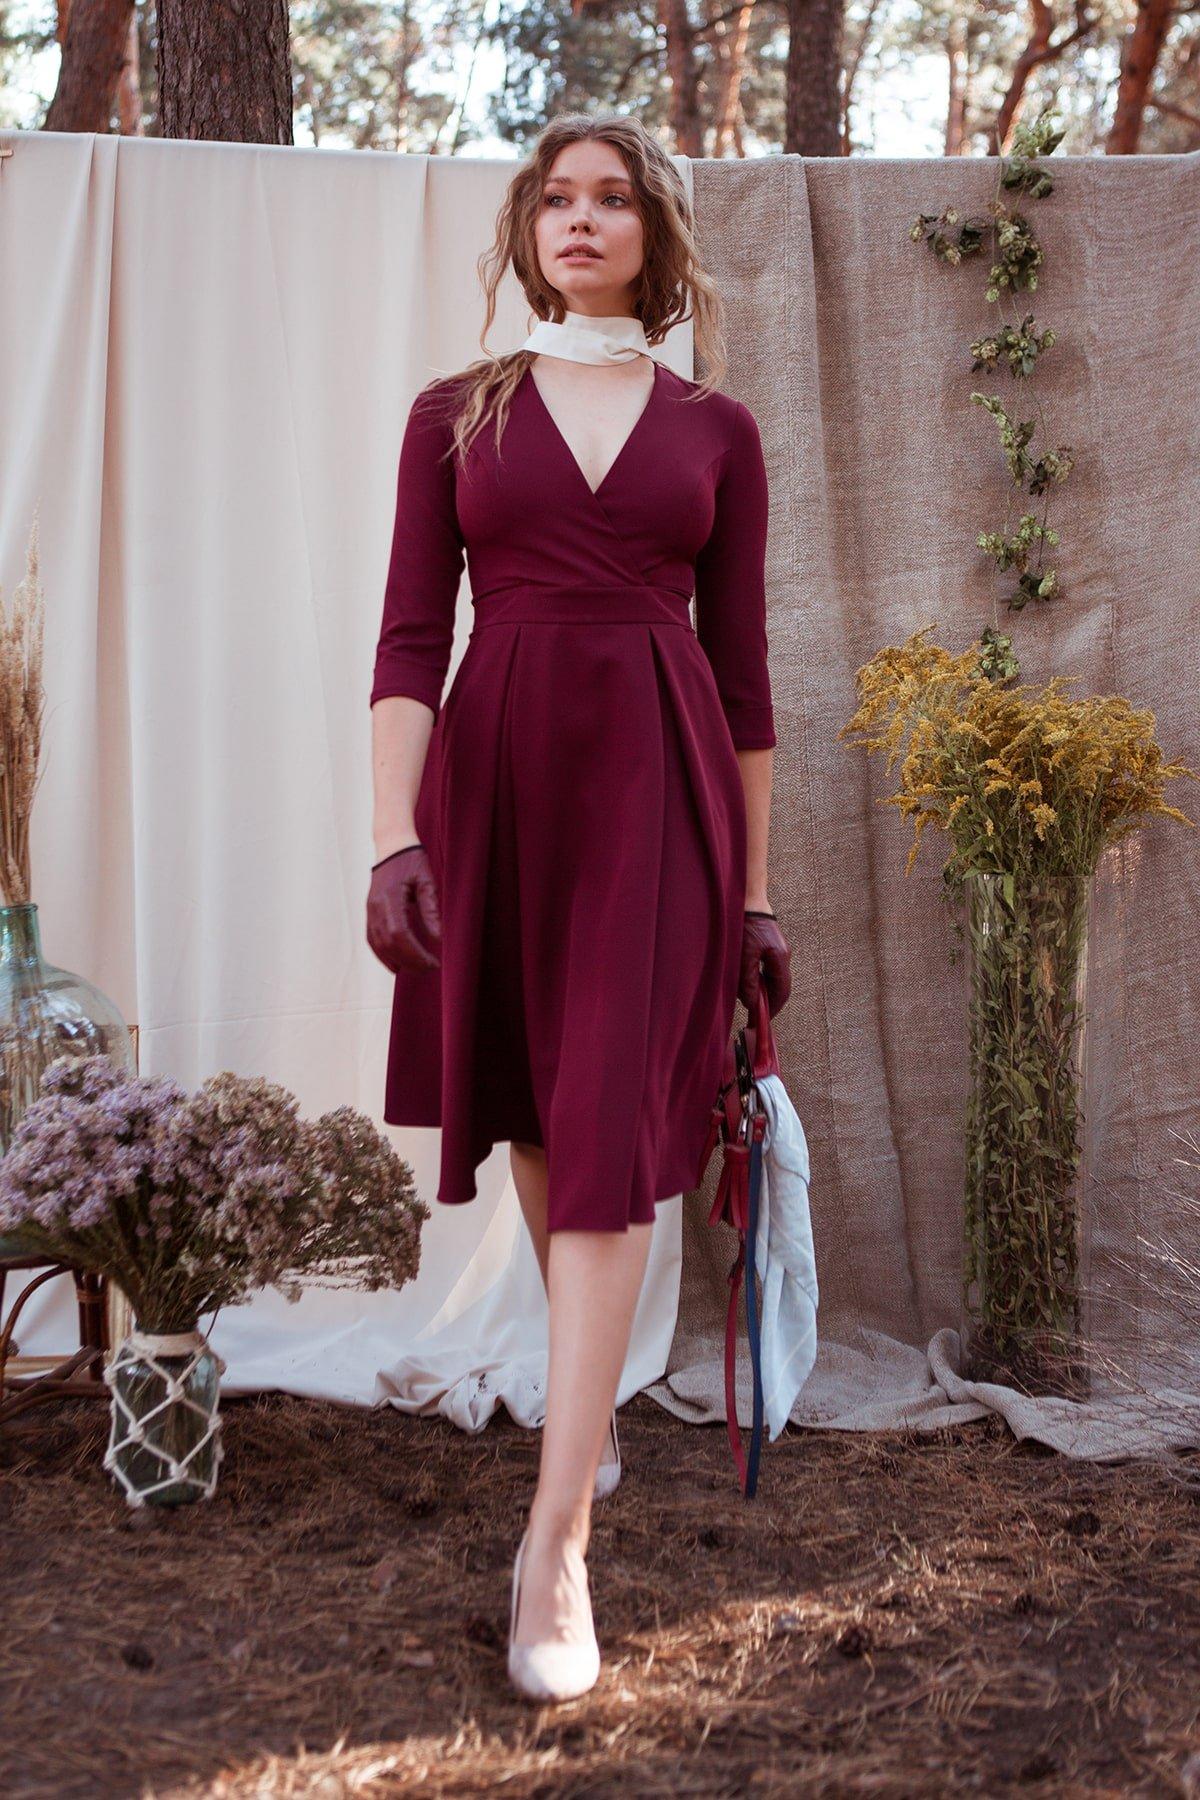 Платье с юбкой-солнце Аризона 7849 АРТ. 43843 Цвет: Винный - фото 4, интернет магазин tm-modus.ru